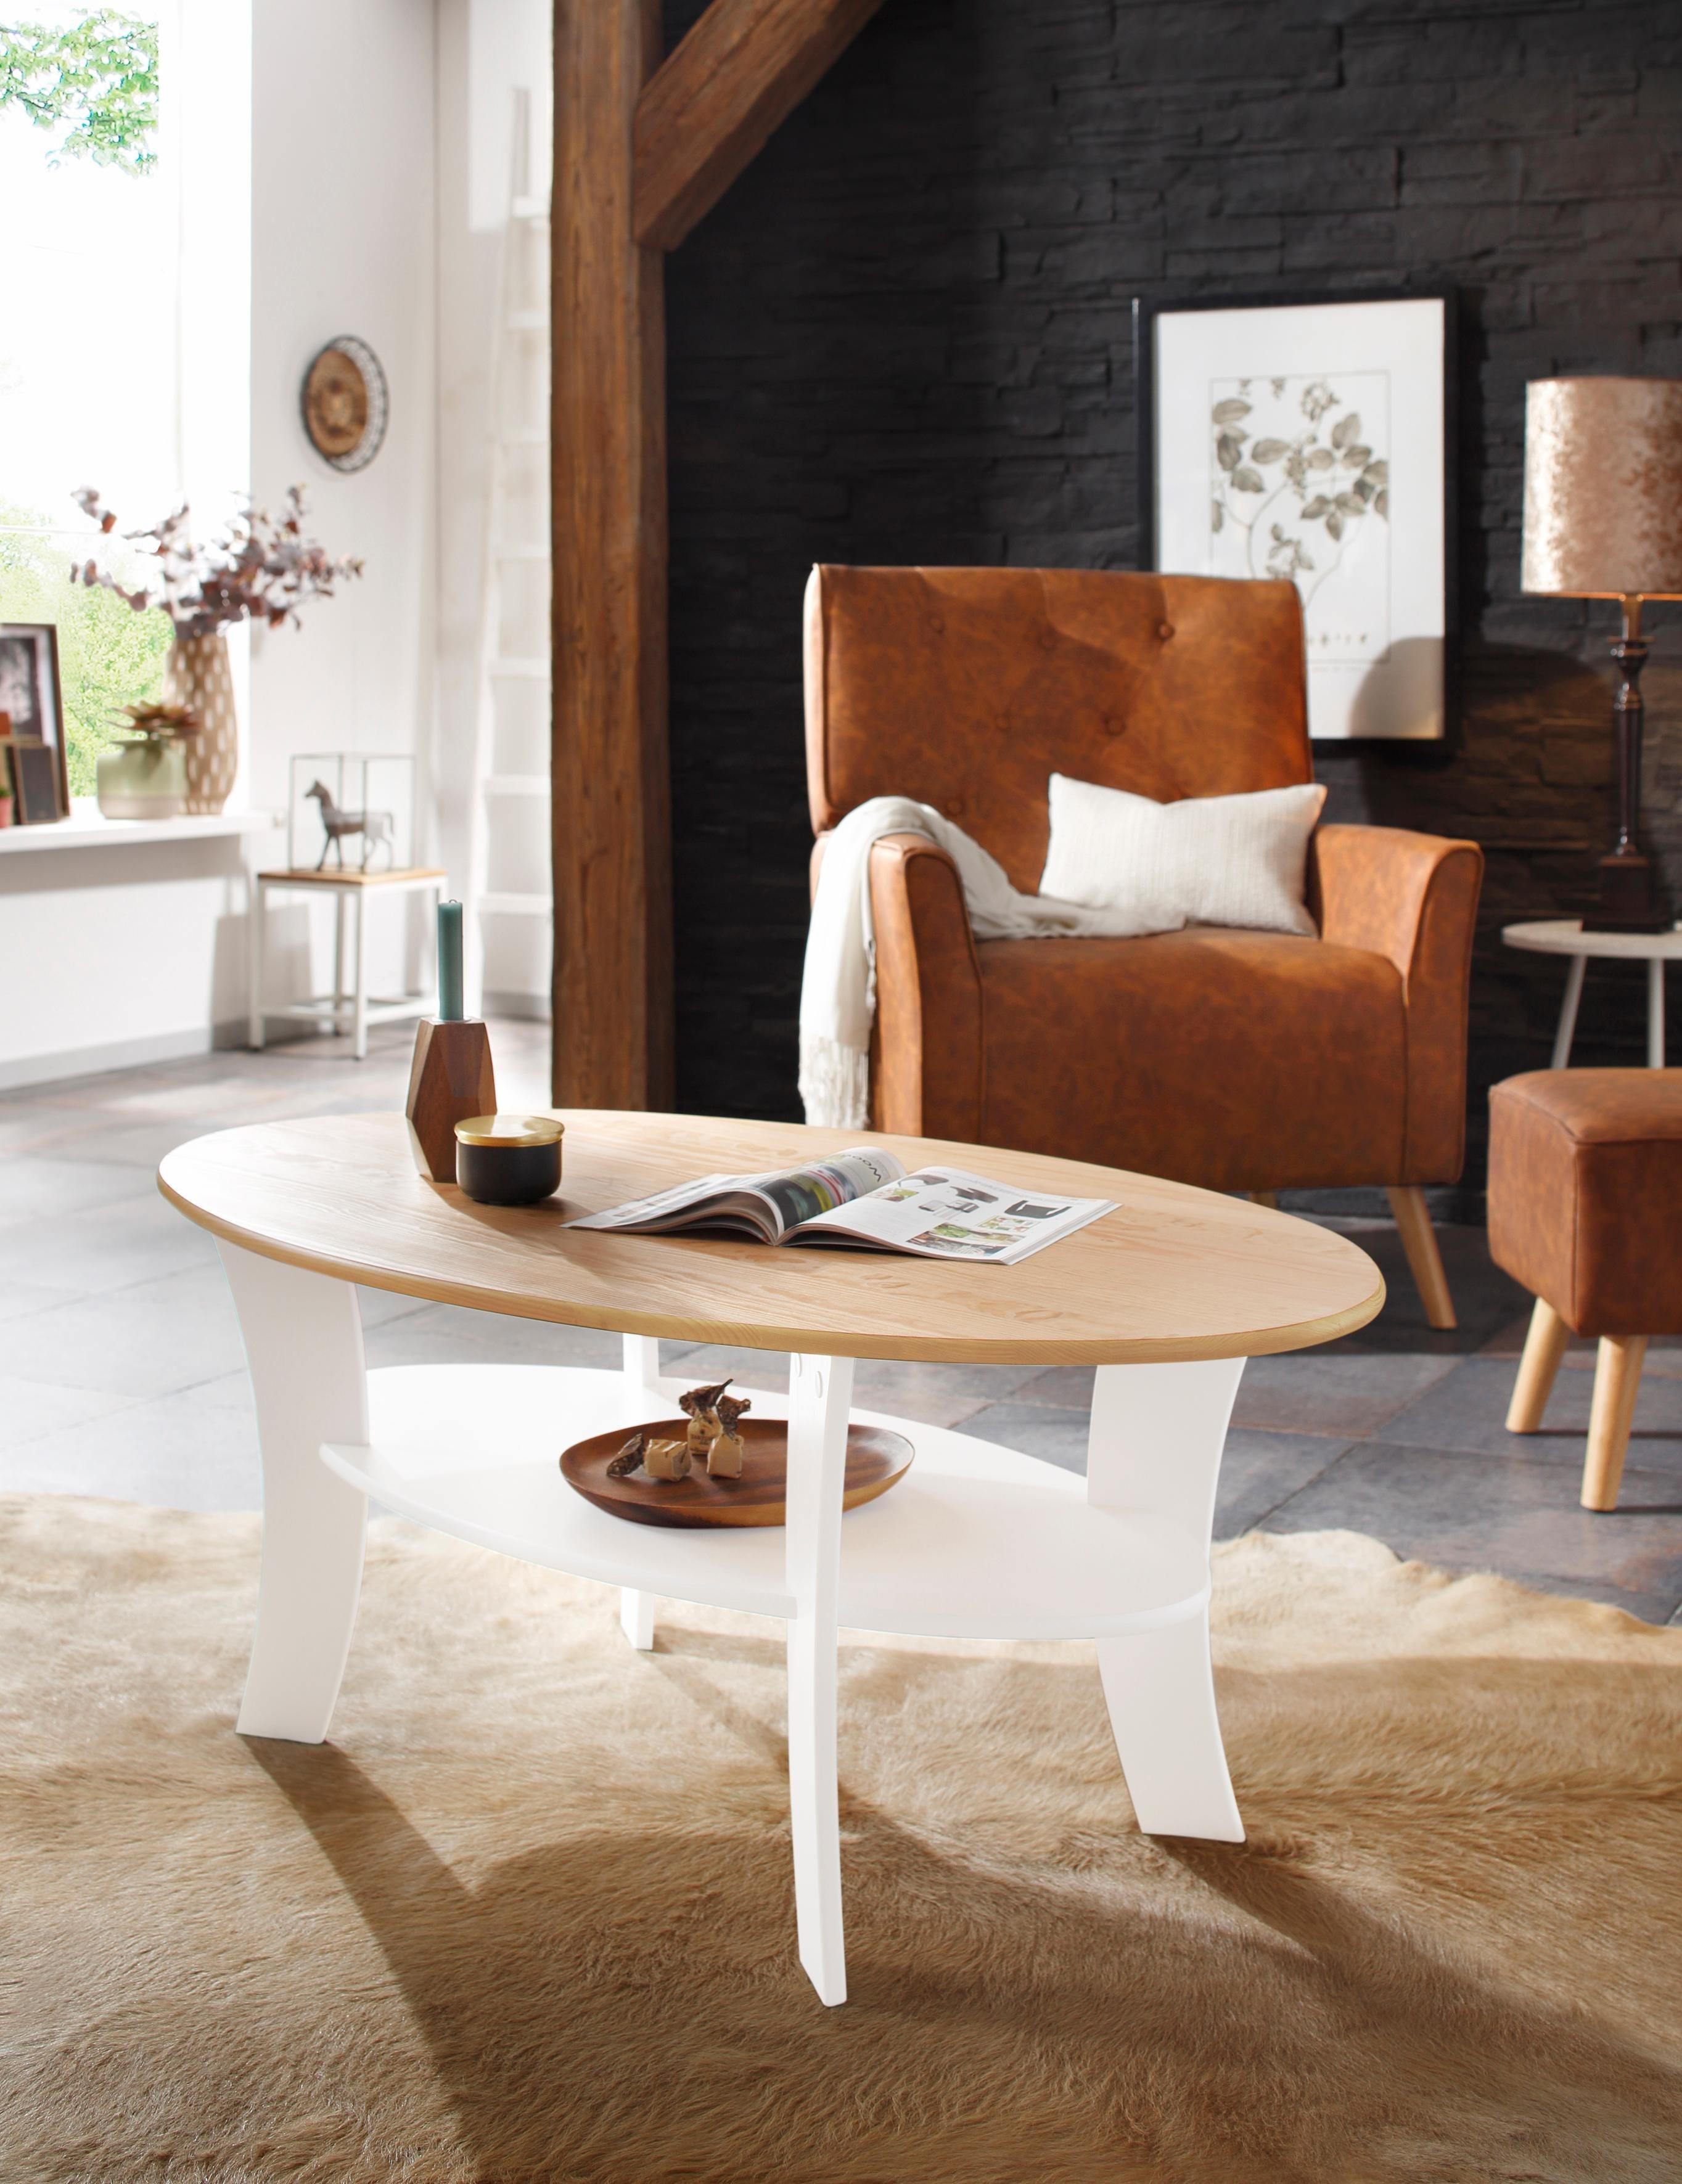 couchtisch oval preisvergleich die besten angebote online kaufen. Black Bedroom Furniture Sets. Home Design Ideas